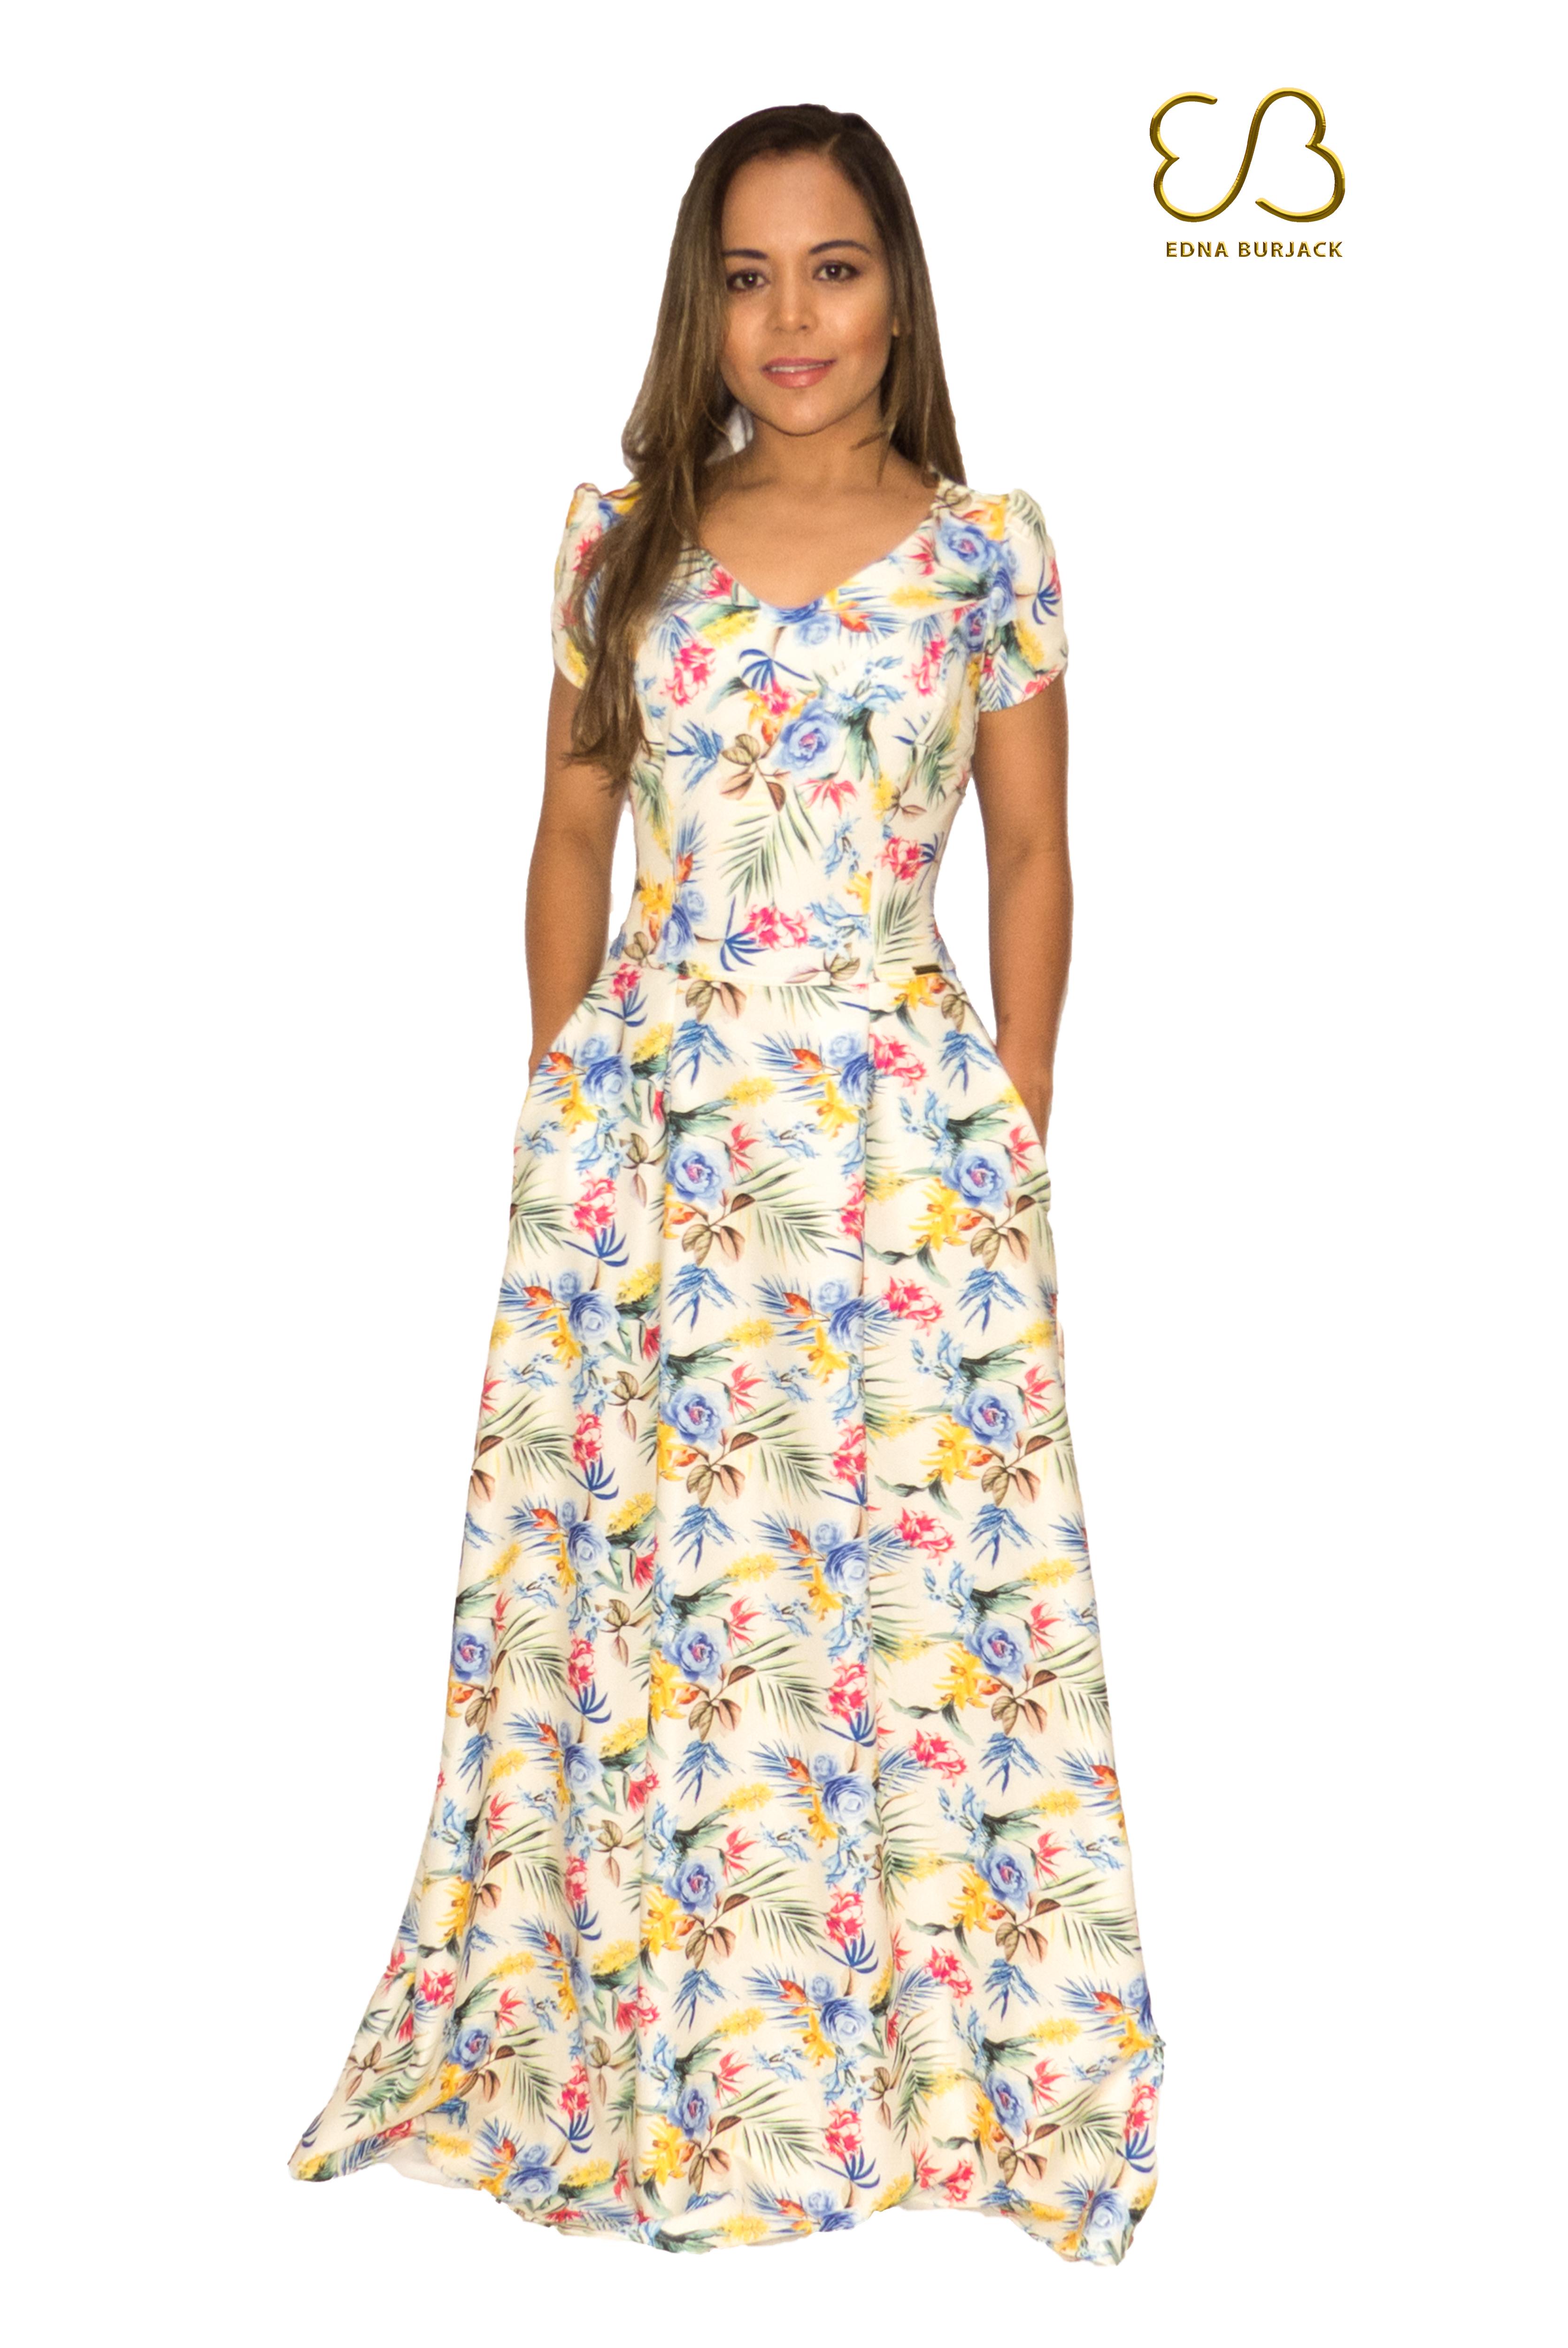 0522c1494 vestido festa - Coleção de Edna Burjack (@EdnaBurjack) | Elo7